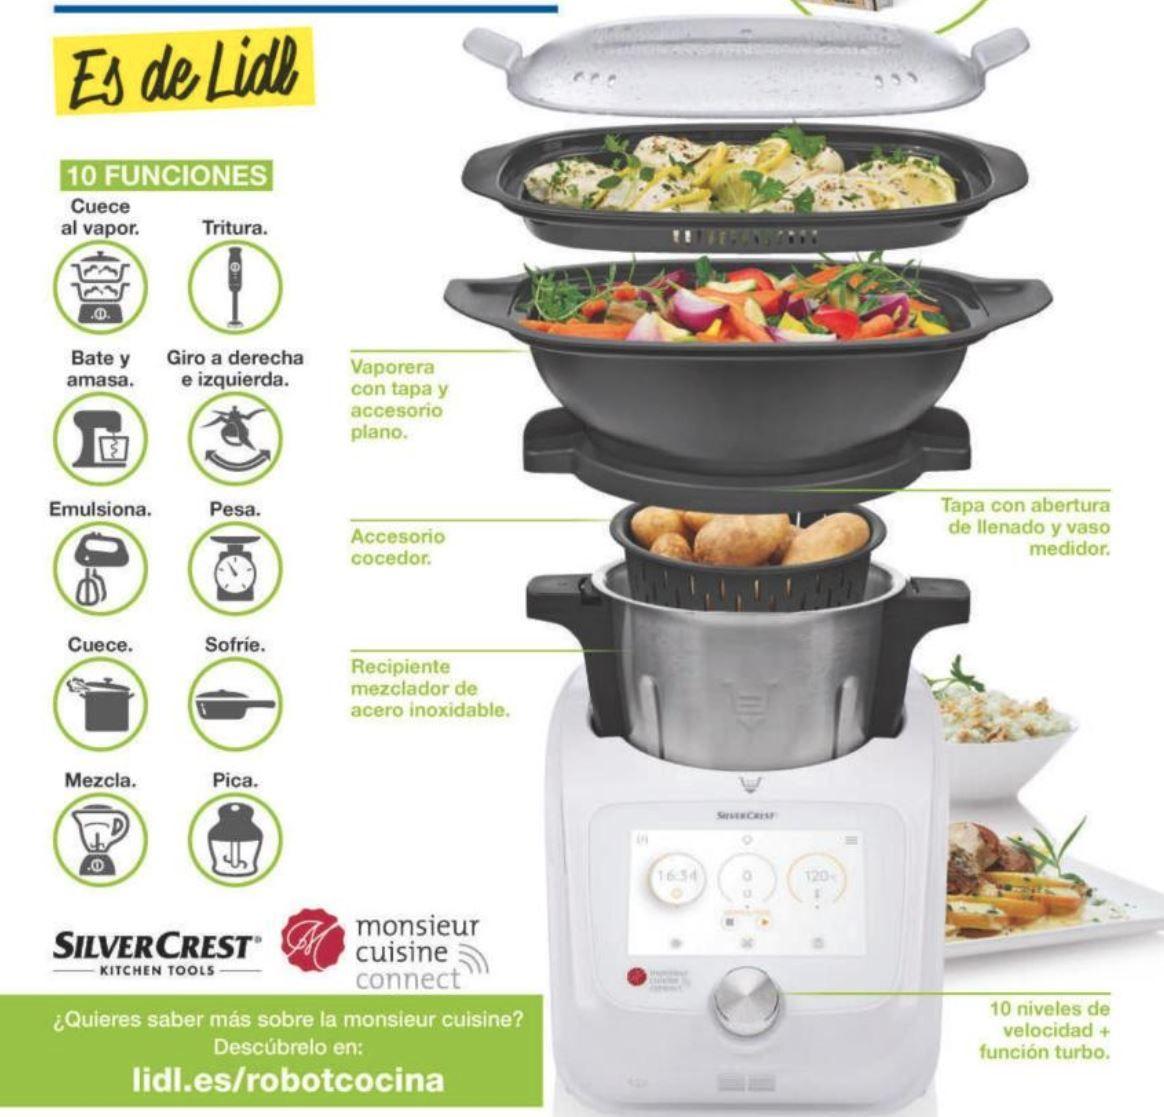 Oferta Robot De Cocina | Lidl Acaba De Sacar Al Mercado Un Nuevo Robot De Cocina Que Promete